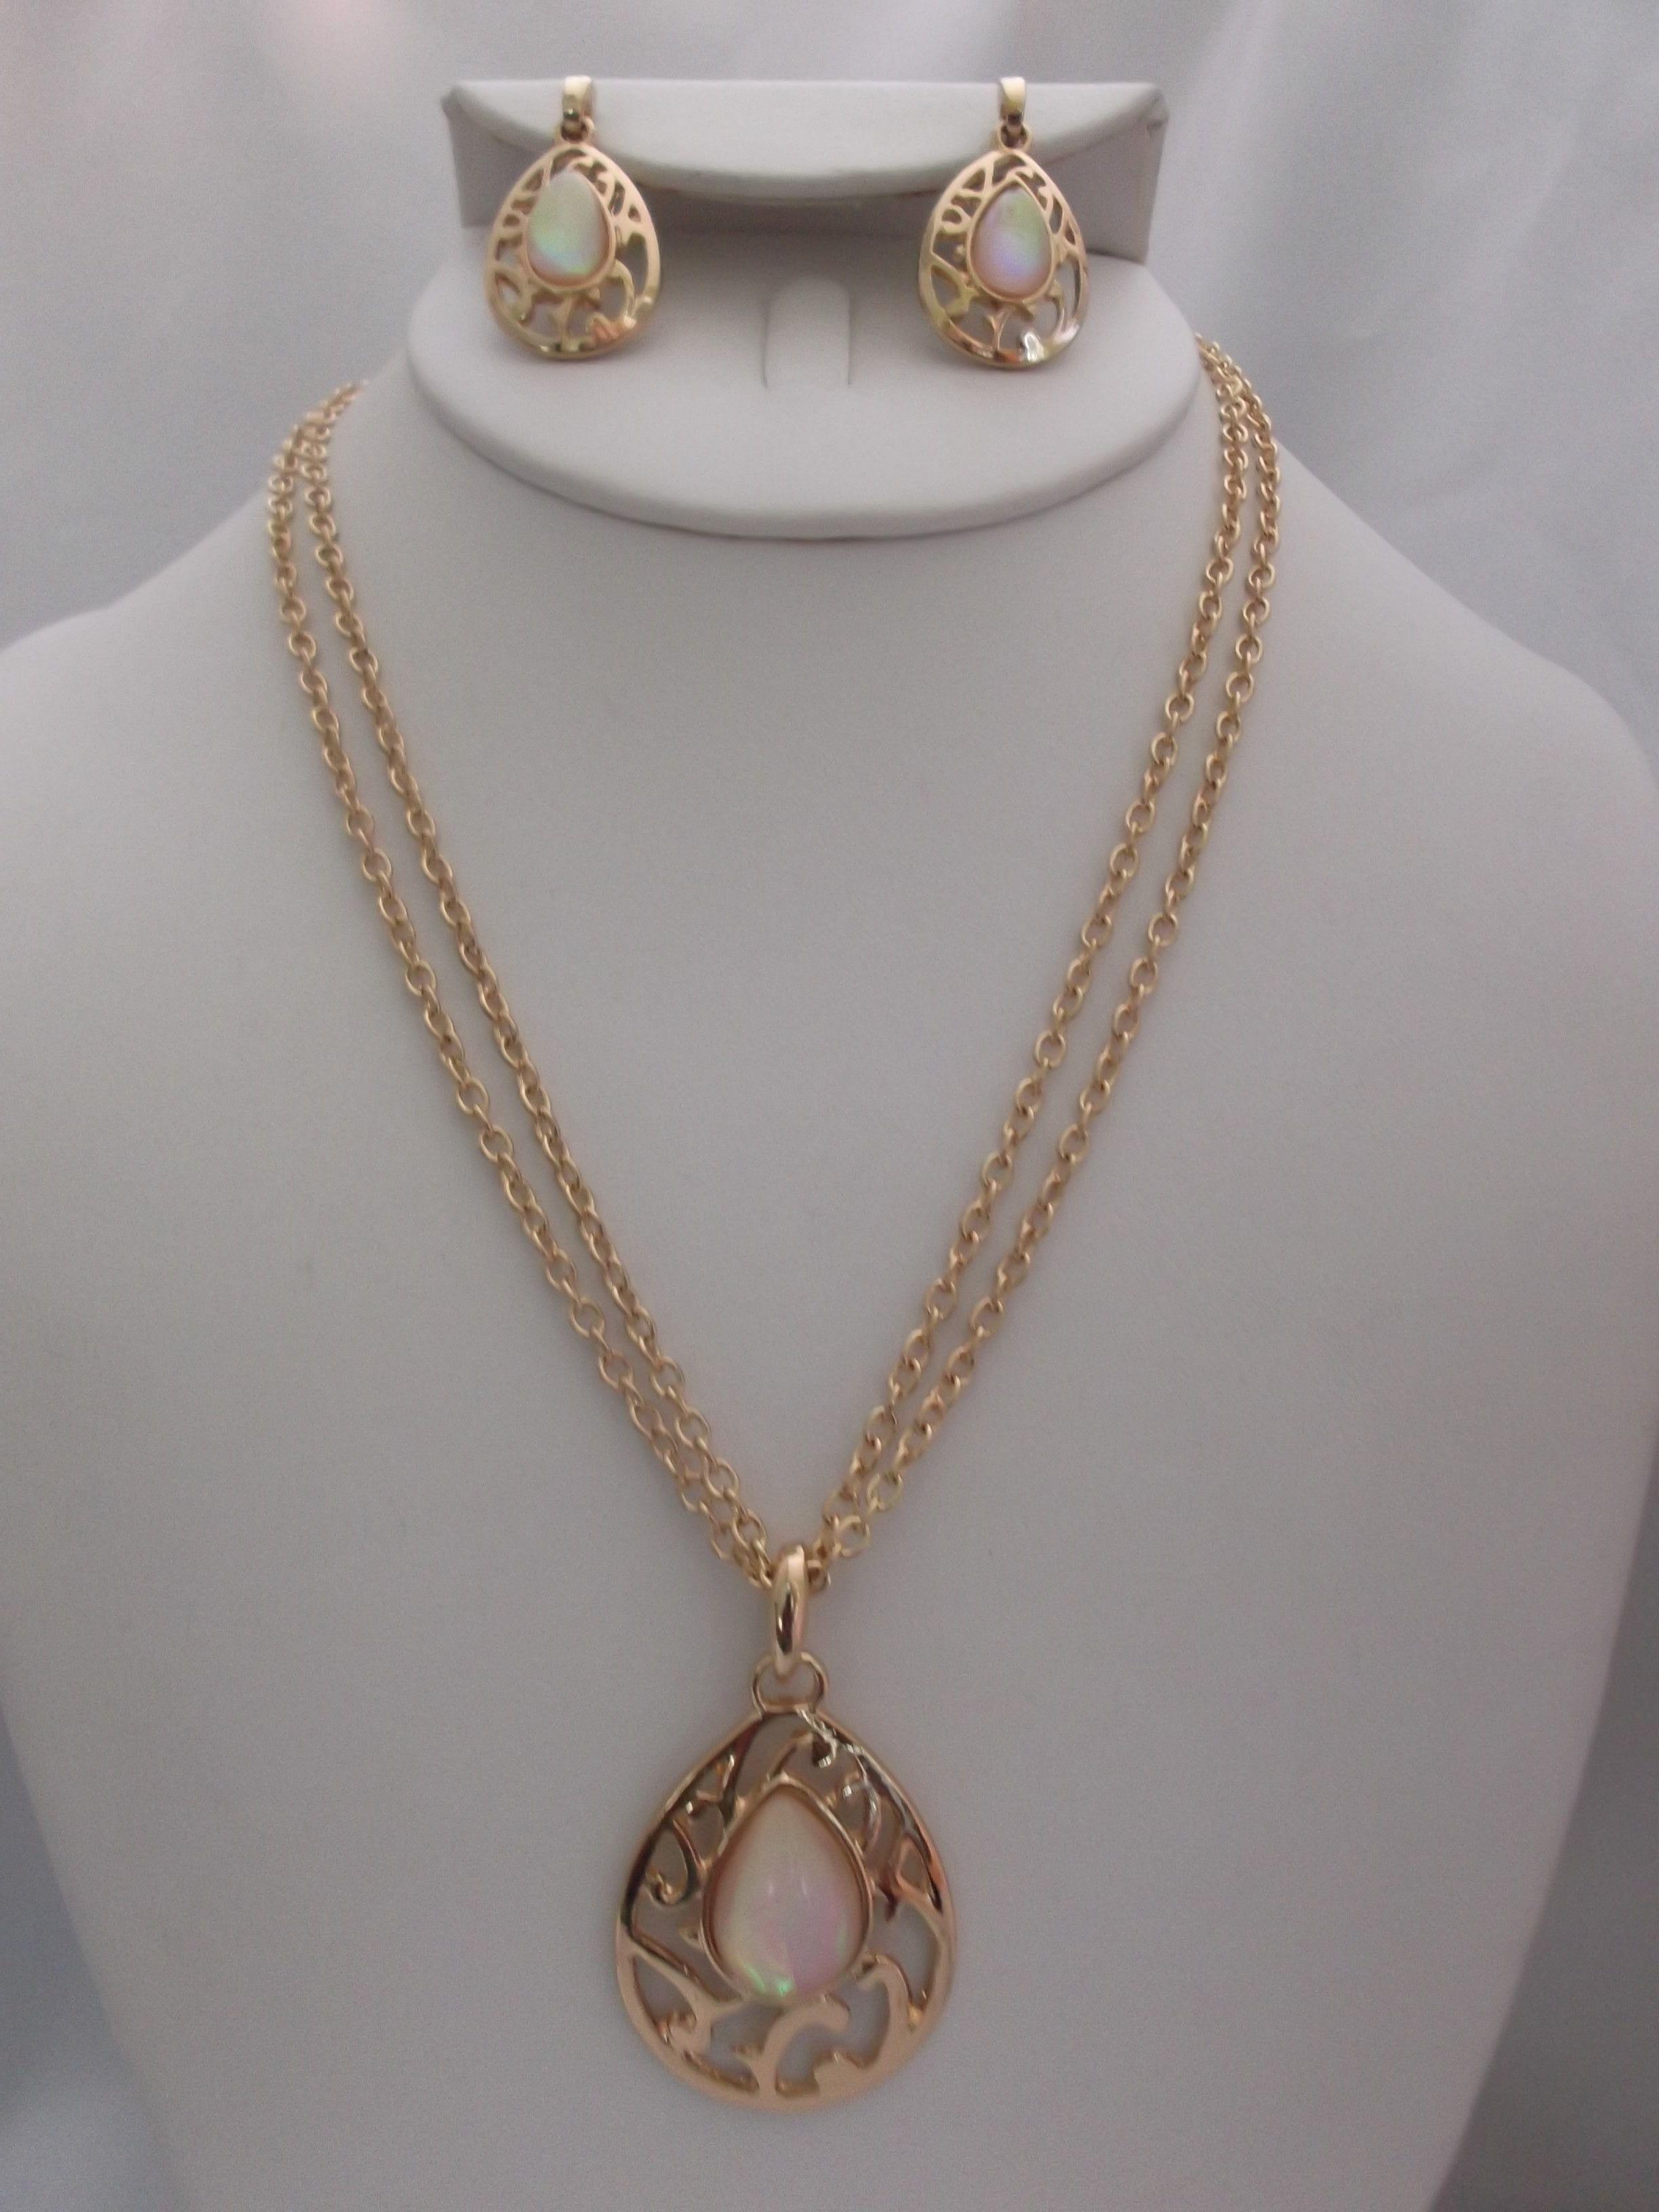 Pierced gold multi chain teardrop white fluorescent stone pendant